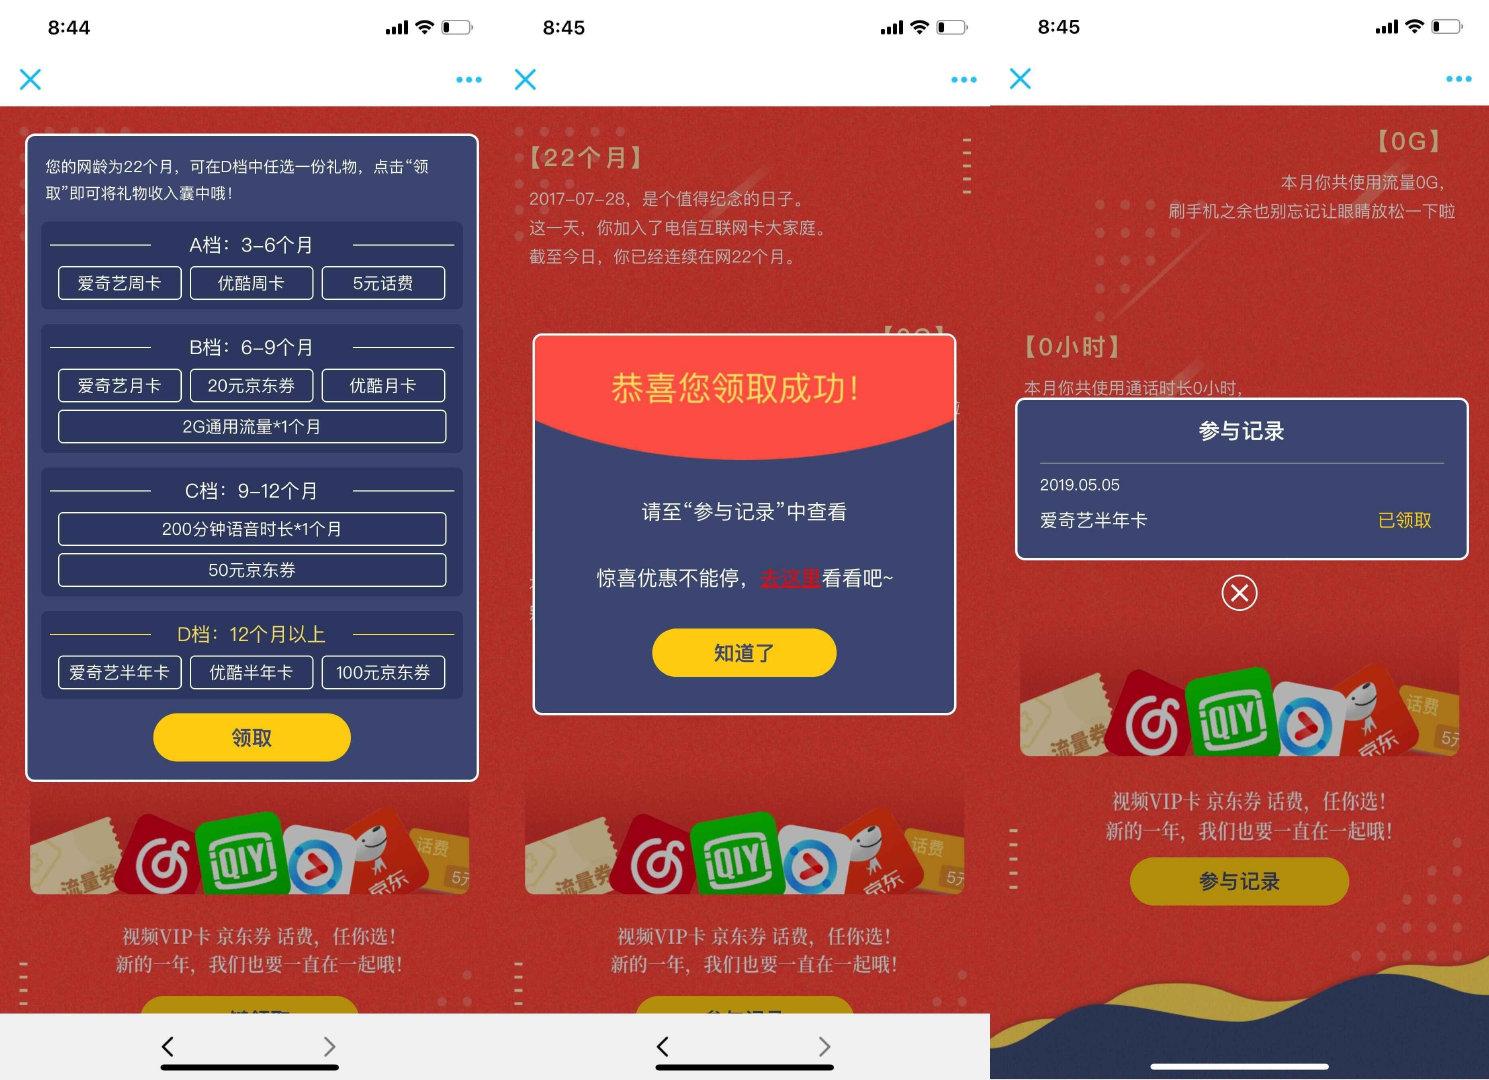 中国电信,查网龄领爱奇艺或优酷会员半年卡或周卡